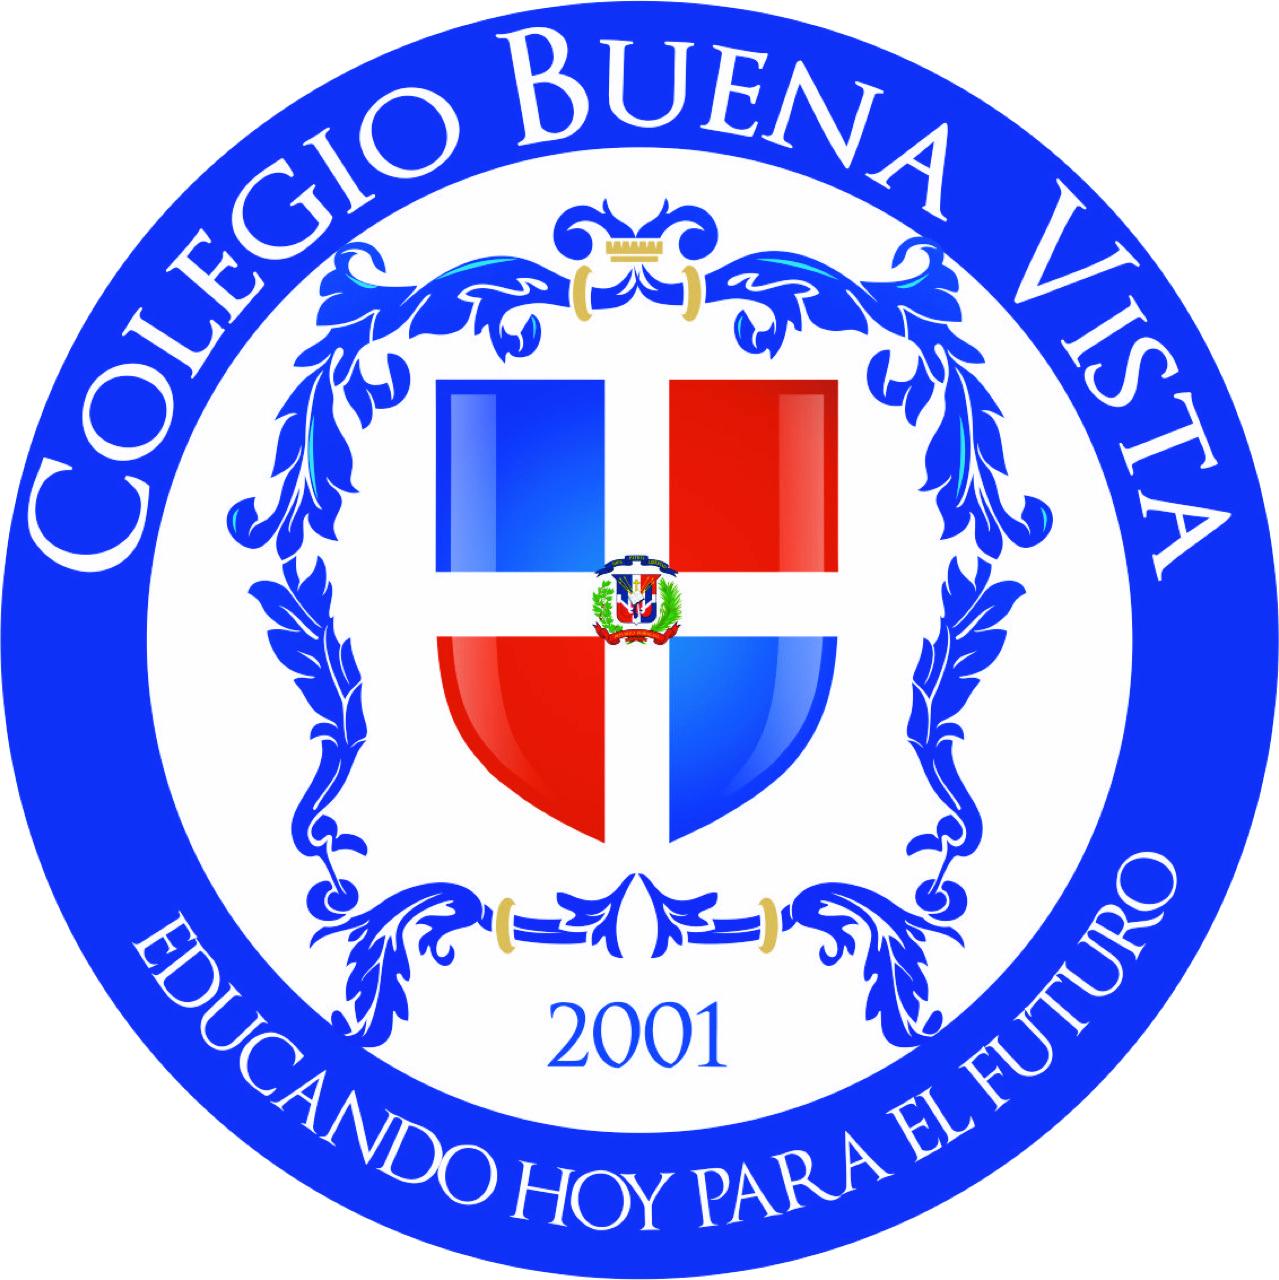 Colegio Buena Vista